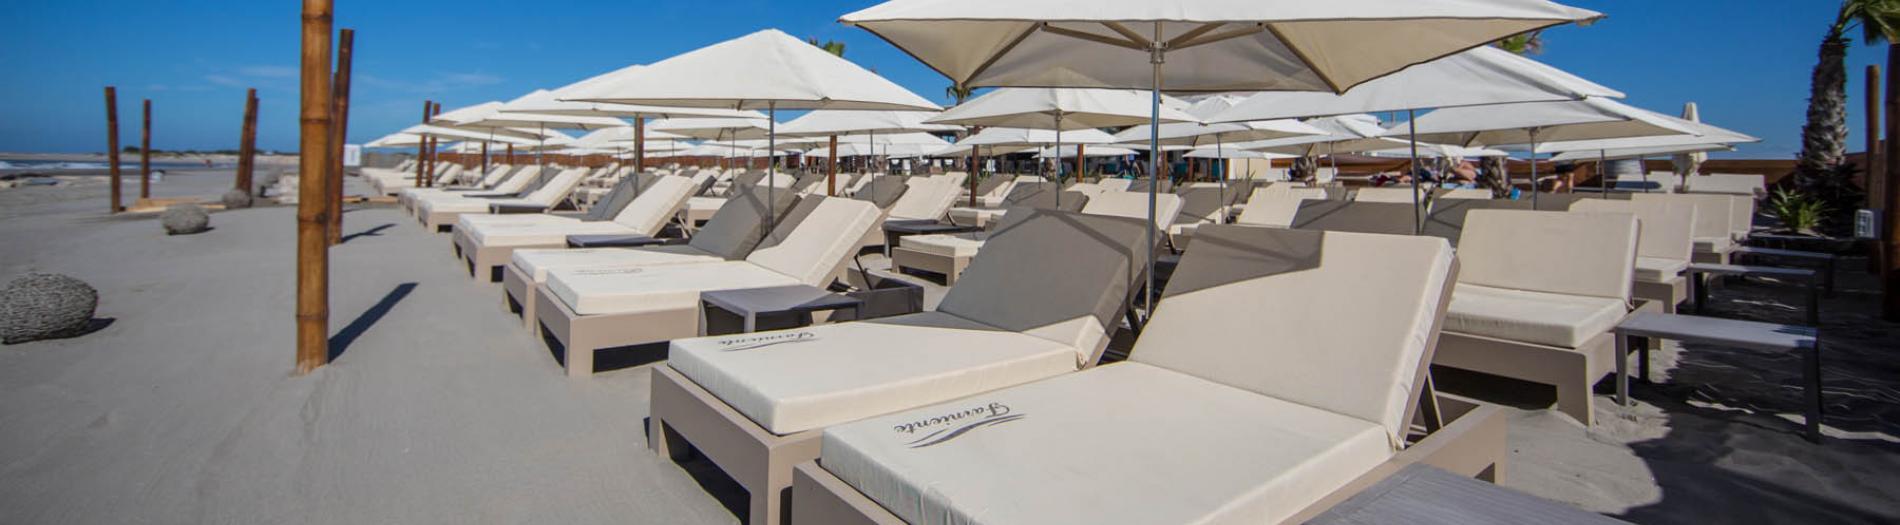 Plage privée: parasols, bains de soleil & matelas